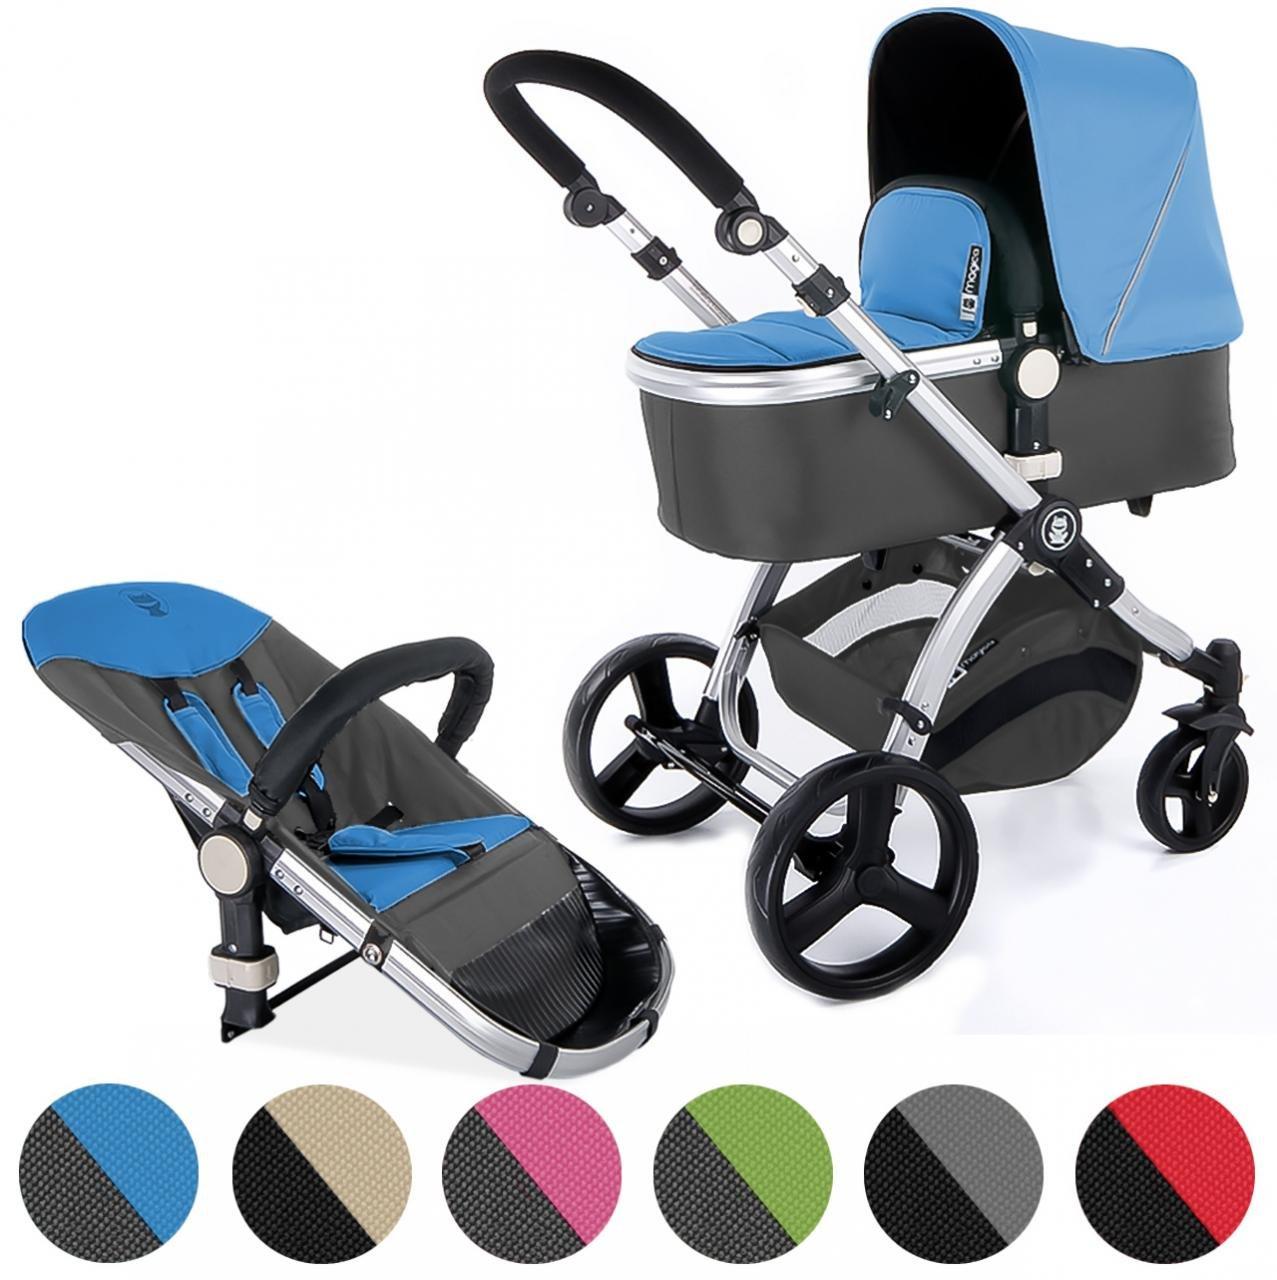 Froggy Kinderwagen MAGICA Kombikinderwagen Sportwagen Buggy Kinderwagenset 2 in1 mit Babywanne und Sportsitz Blau